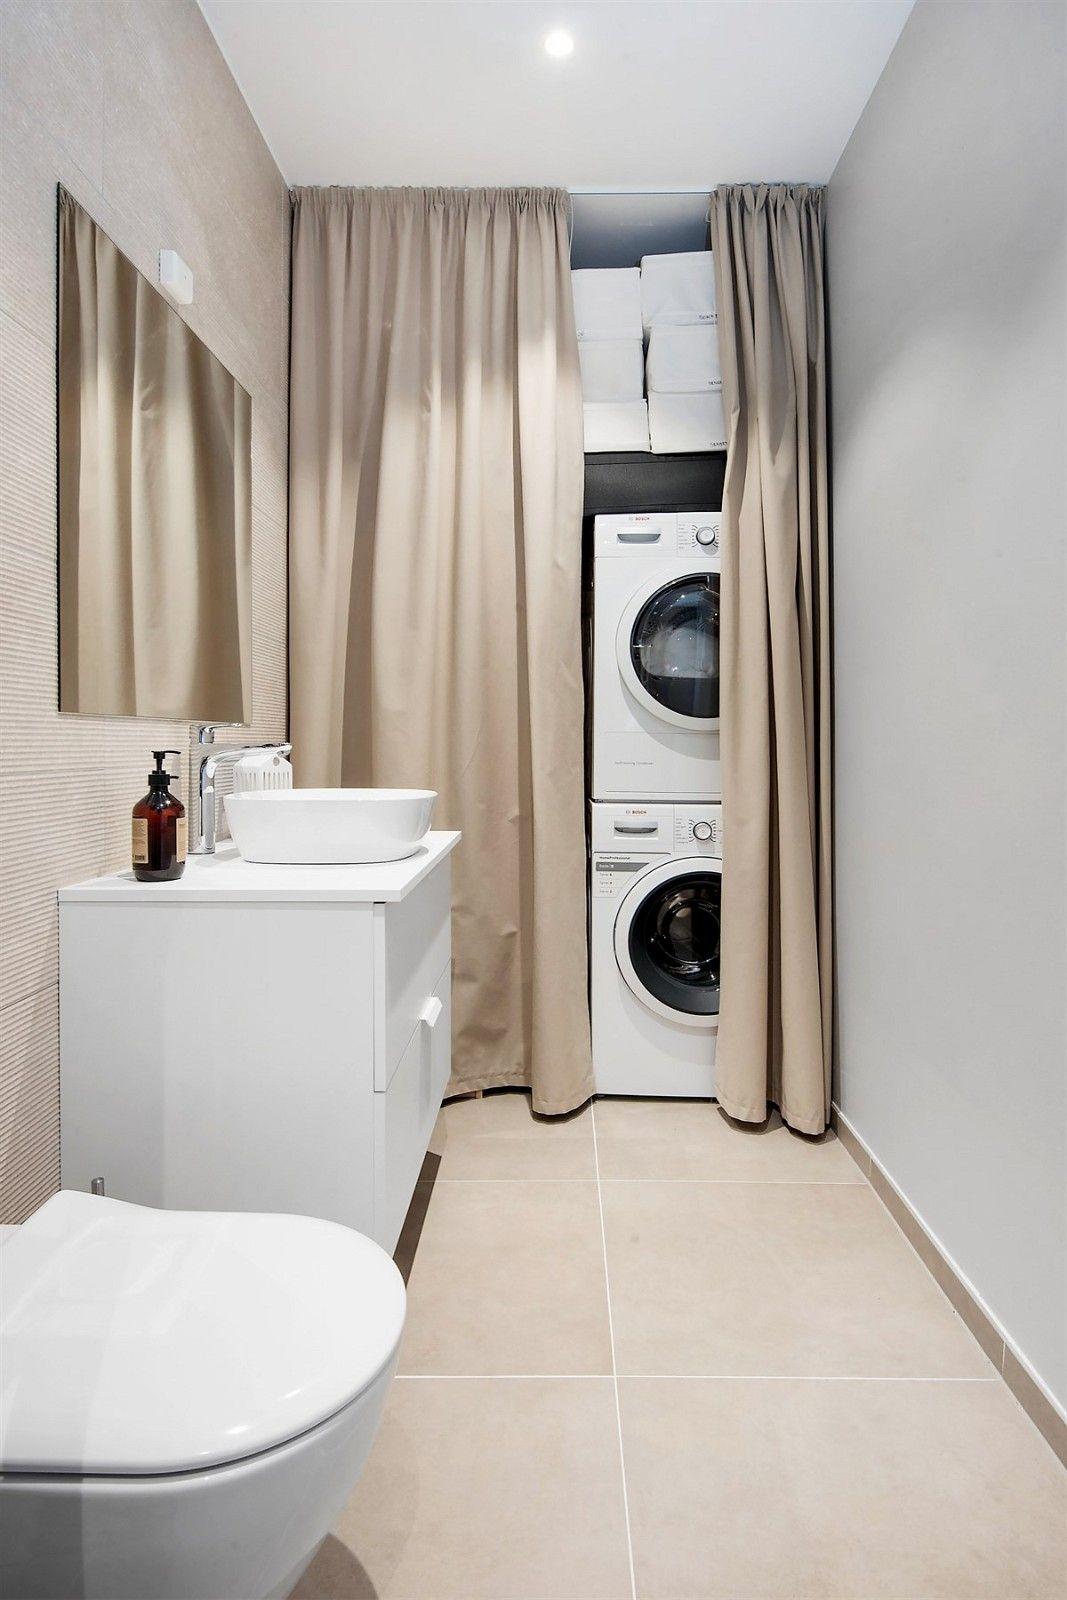 санузел ниша занавеска стиральная сушильная машина